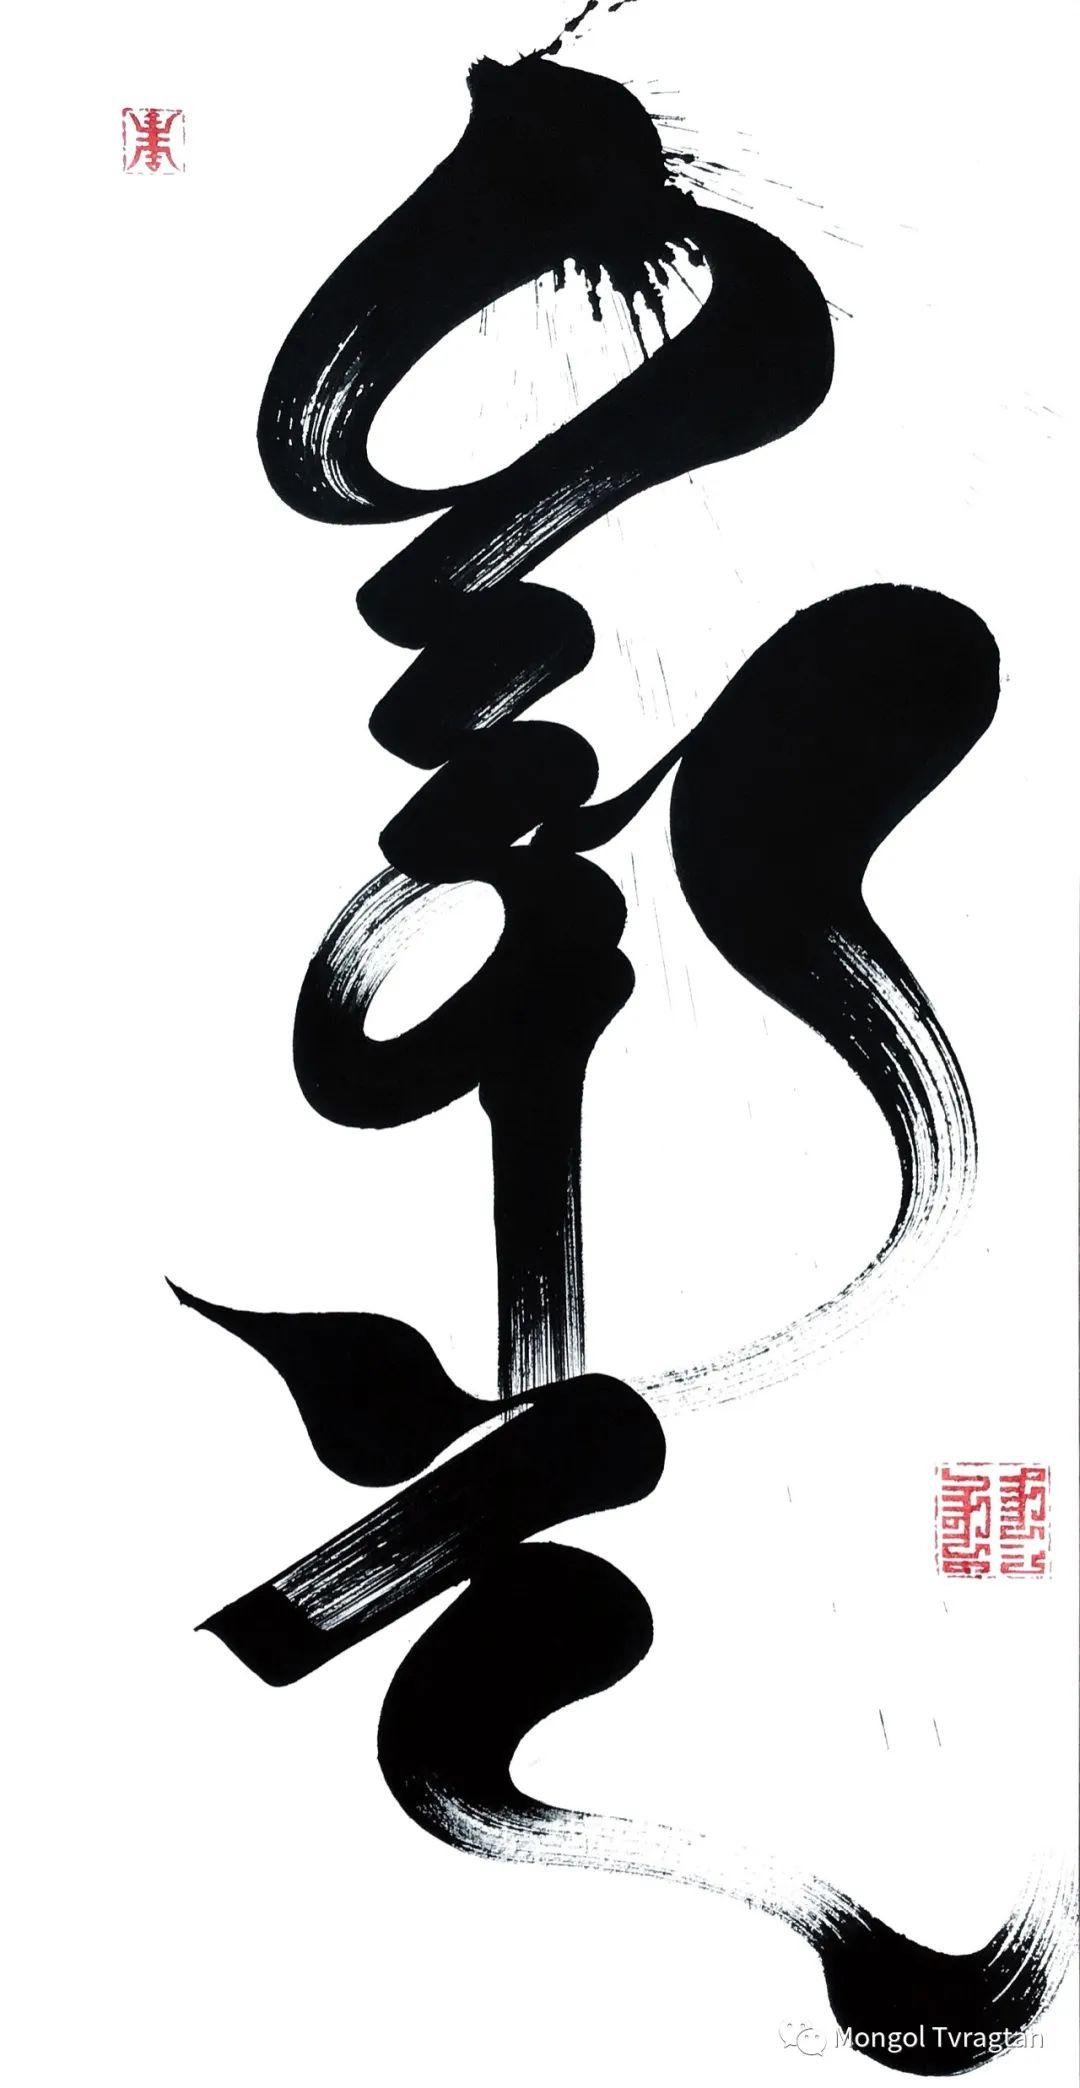 ᠮᠥᠩᠬᠡ ᠲᠡᠭᠷᠢᠶᠢᠨ ᠪᠢᠴᠢᠭ᠌ - ᠰᠠᠮᠳᠠᠨ 第3张 ᠮᠥᠩᠬᠡ ᠲᠡᠭᠷᠢᠶᠢᠨ ᠪᠢᠴᠢᠭ᠌ - ᠰᠠᠮᠳᠠᠨ 蒙古书法